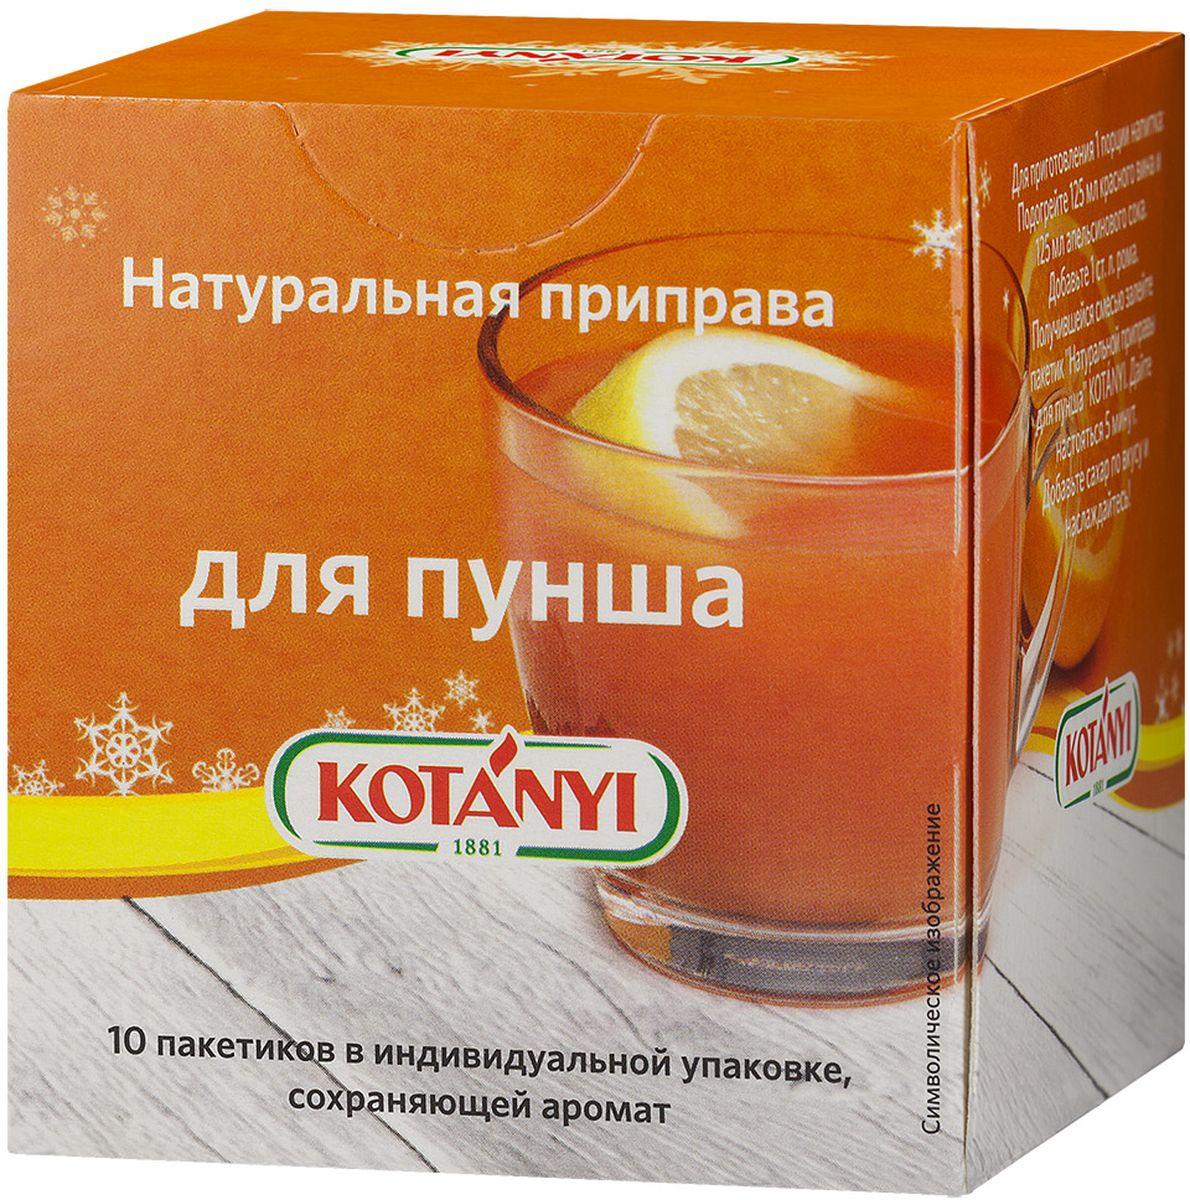 Kotanyi натуральная приправа для пунша, 10 пакетиков по 15 г226711Корица, ароматная гвоздика, апельсиновая и лимонная цедра придают напитку типичный фруктовый вкус пунша. Вы будете в восторге от восхитительного рождественского аромата пунша Kotanyi с натуральной ванилью, имбирем и кардамоном.